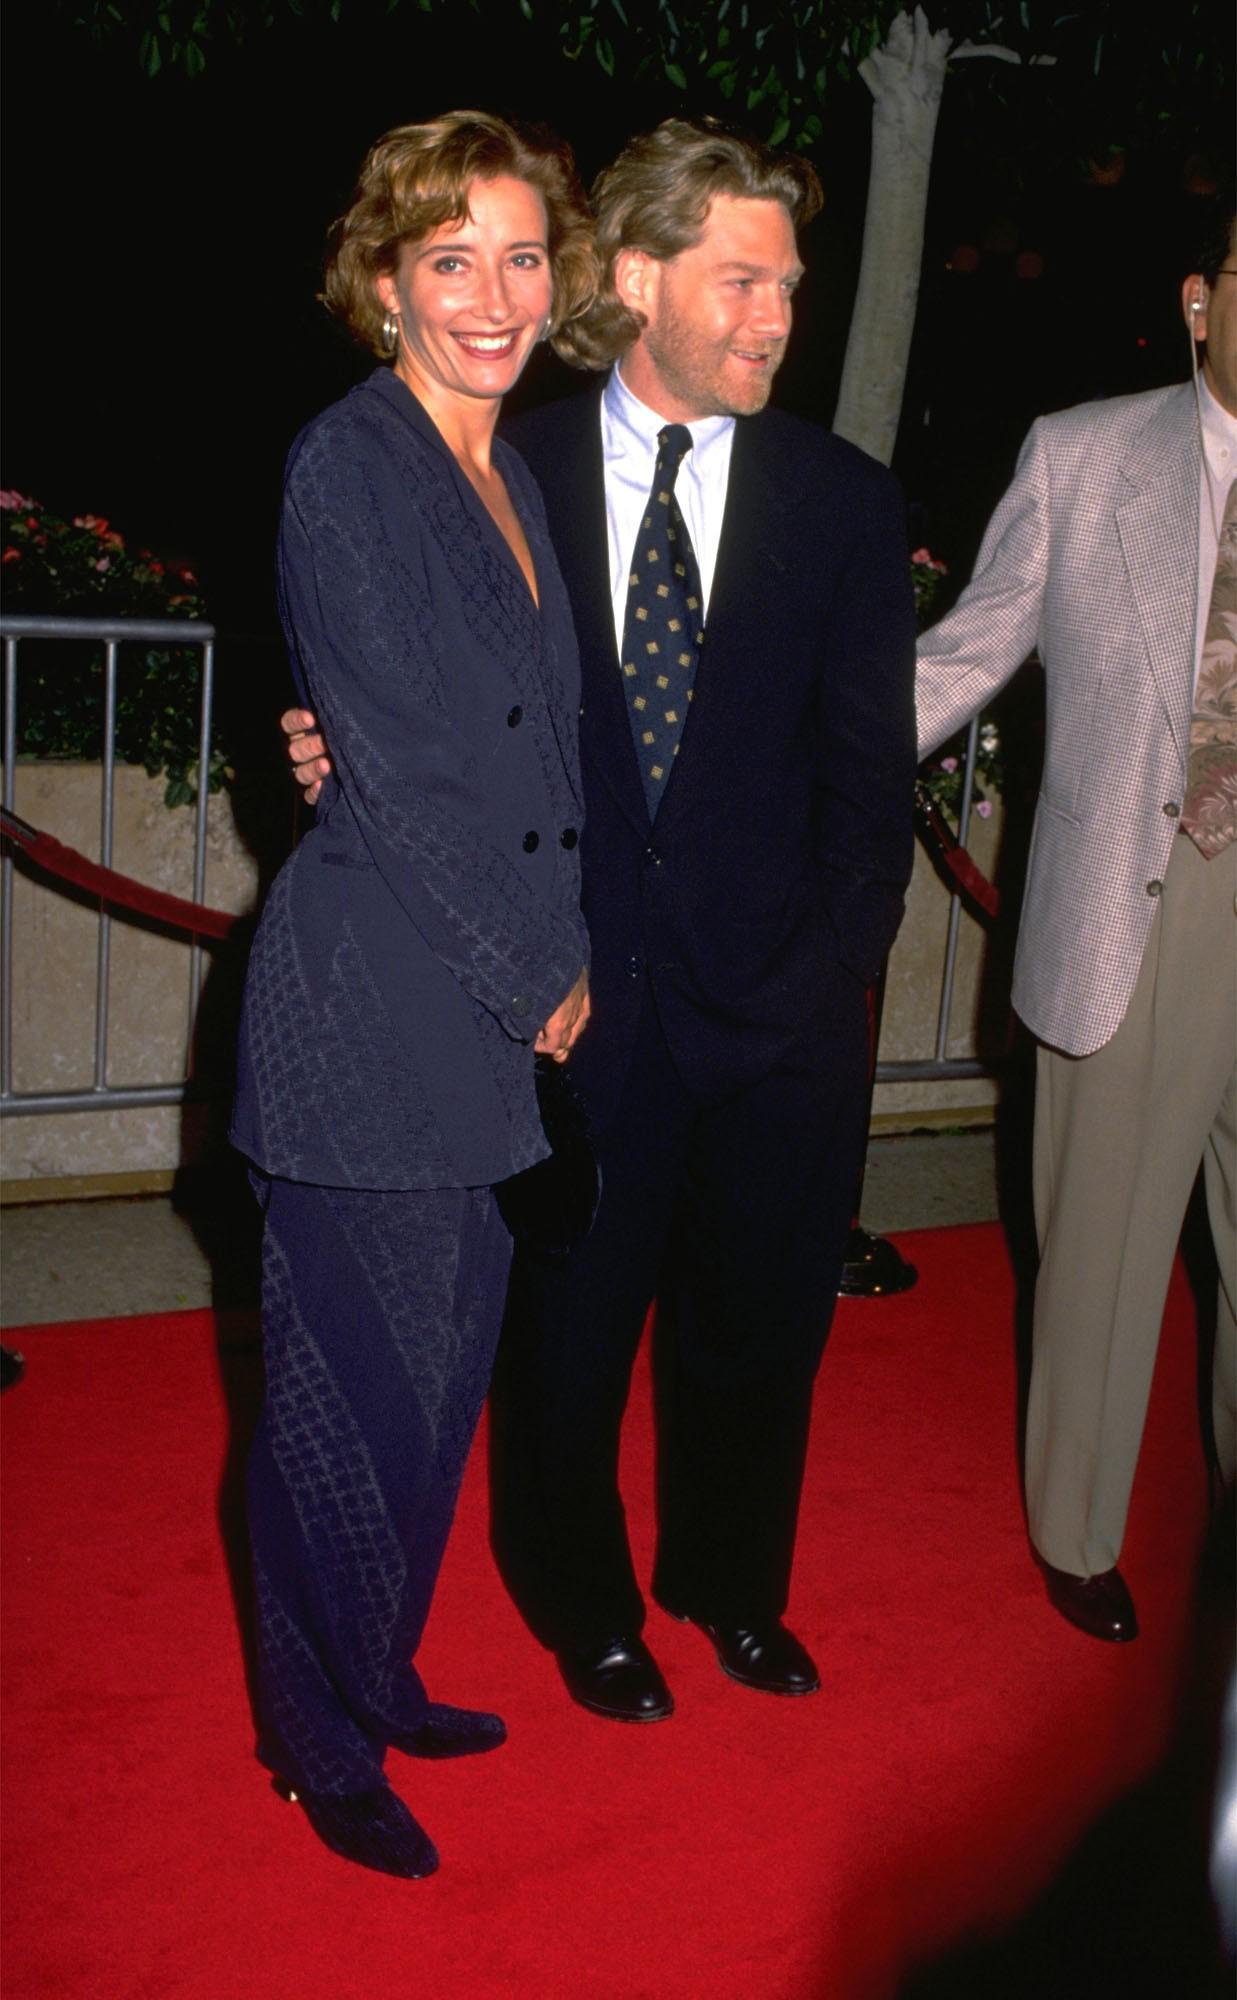 A atriz Emma Thompson e o ator e diretor Kenneth Branagh na época em que eram casados (Foto: Getty Images)